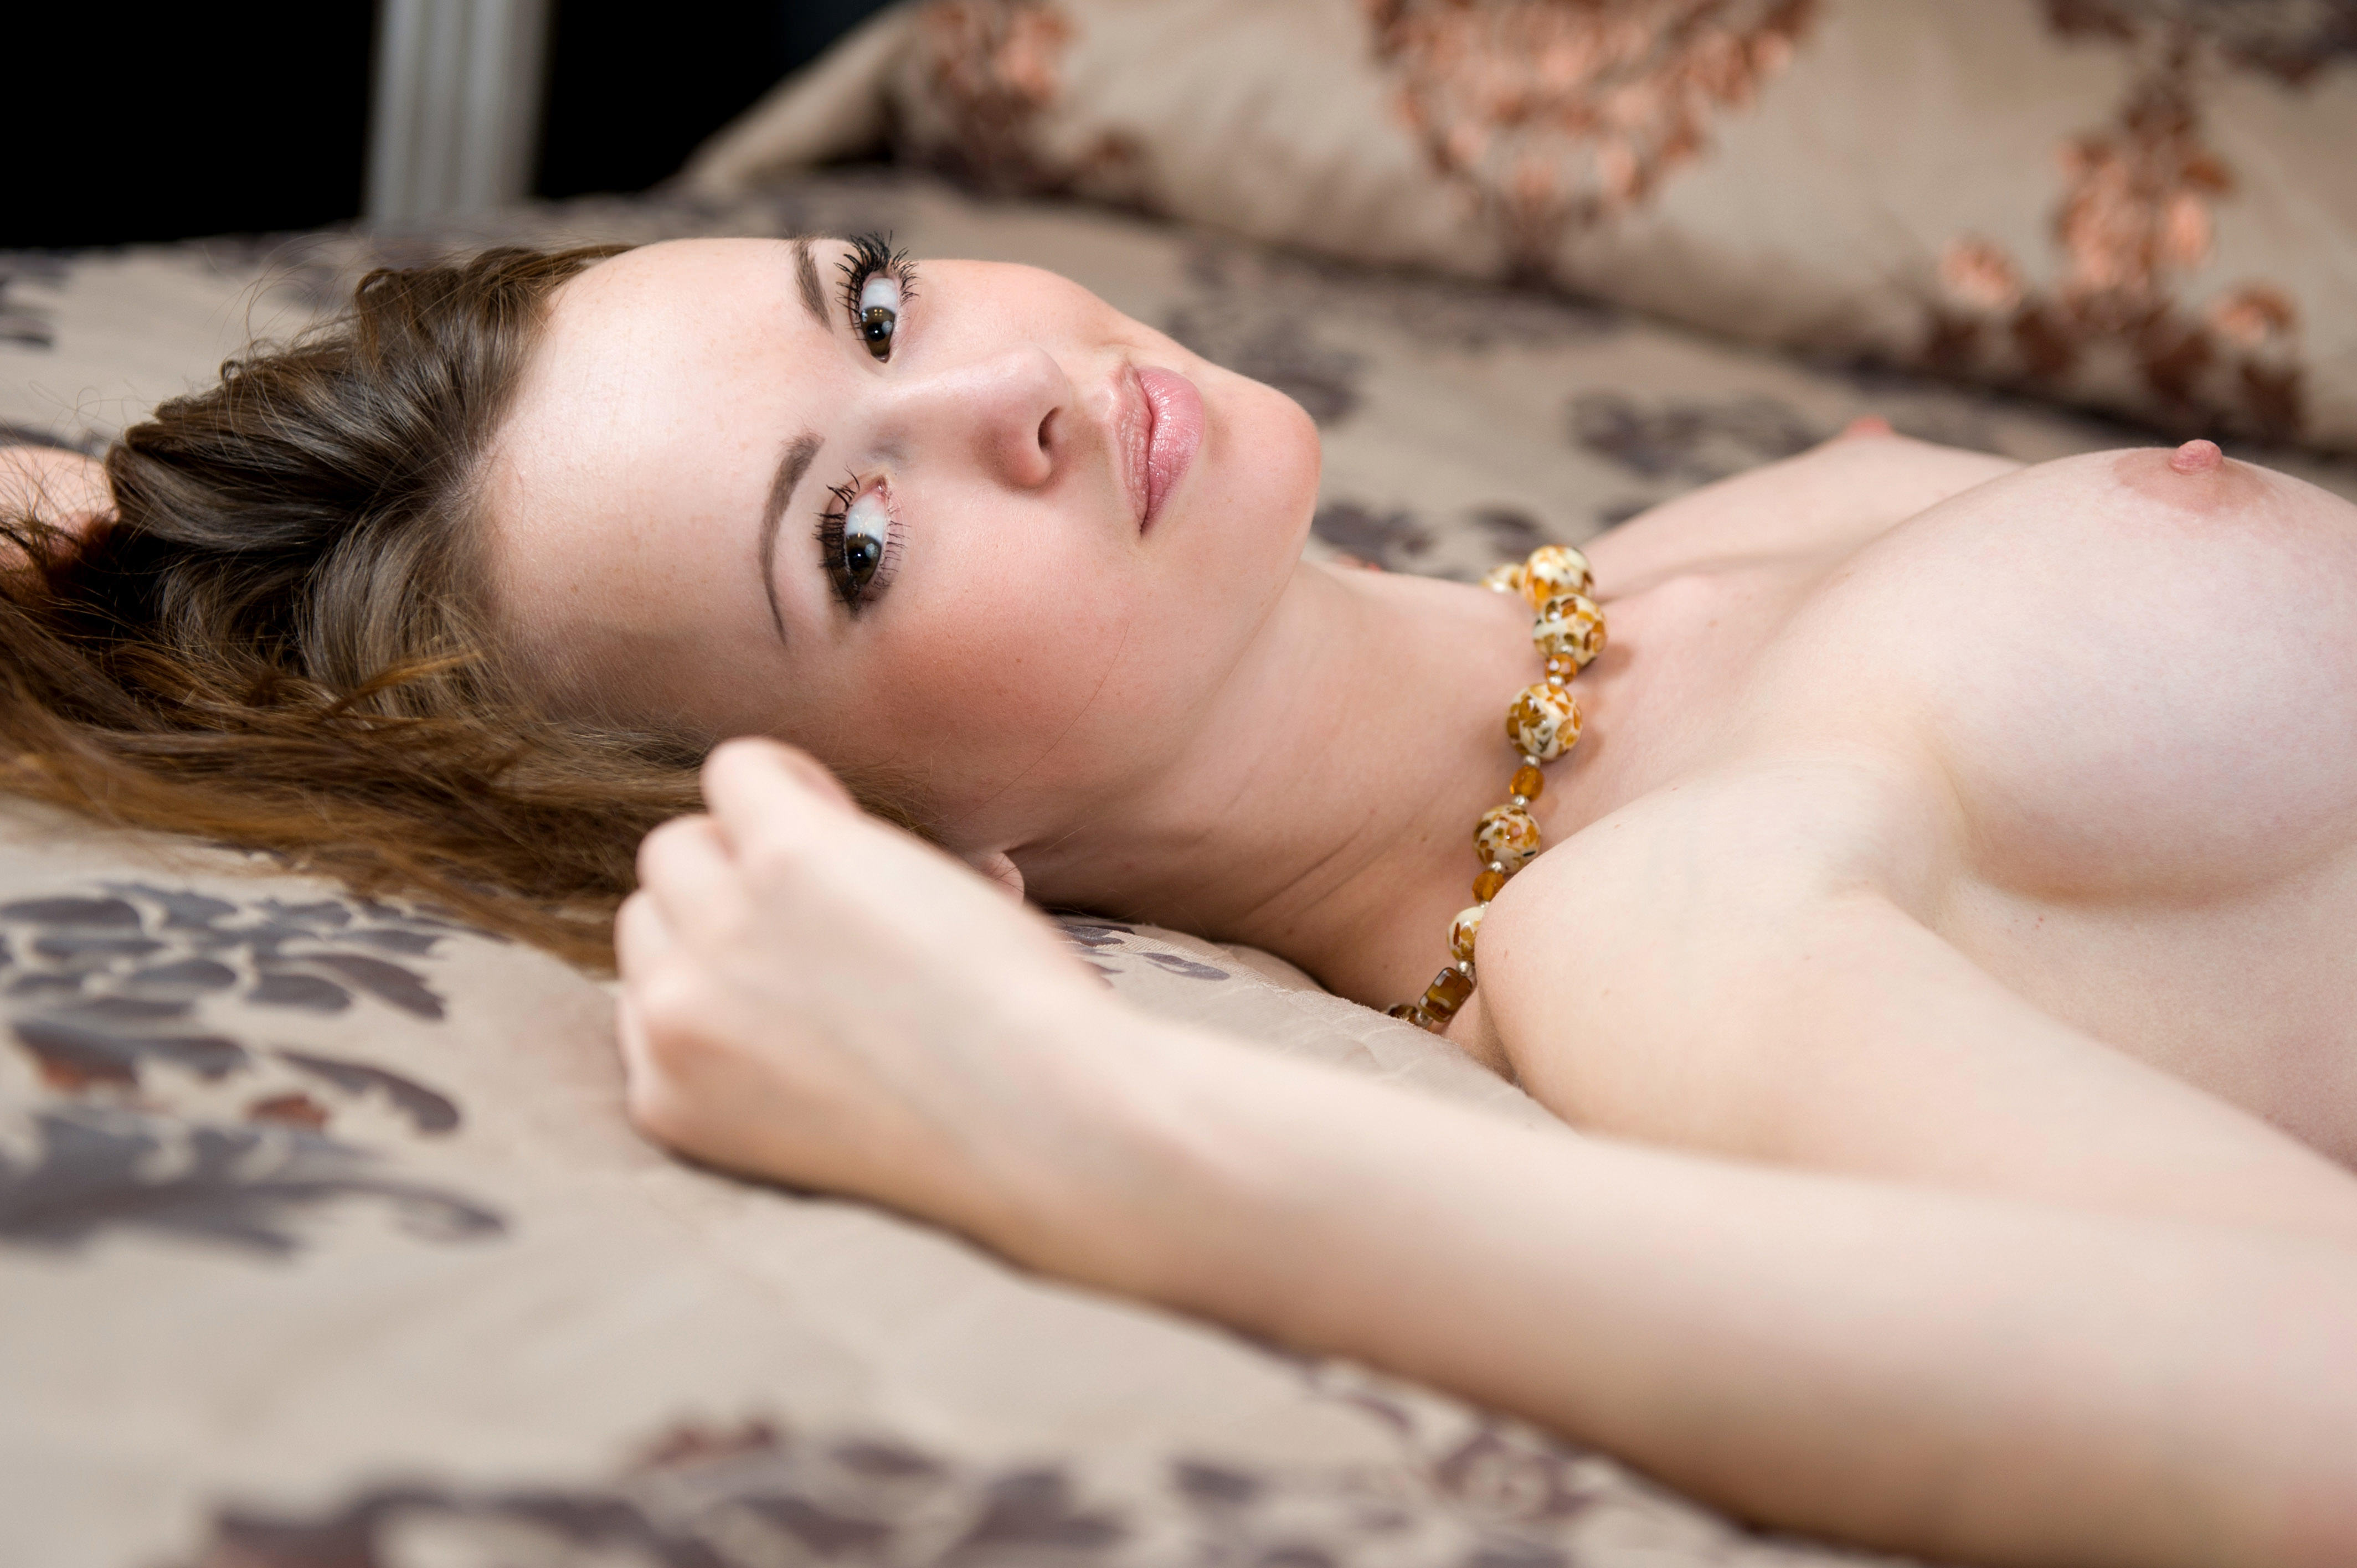 Фото милых голых девочек 12 фотография